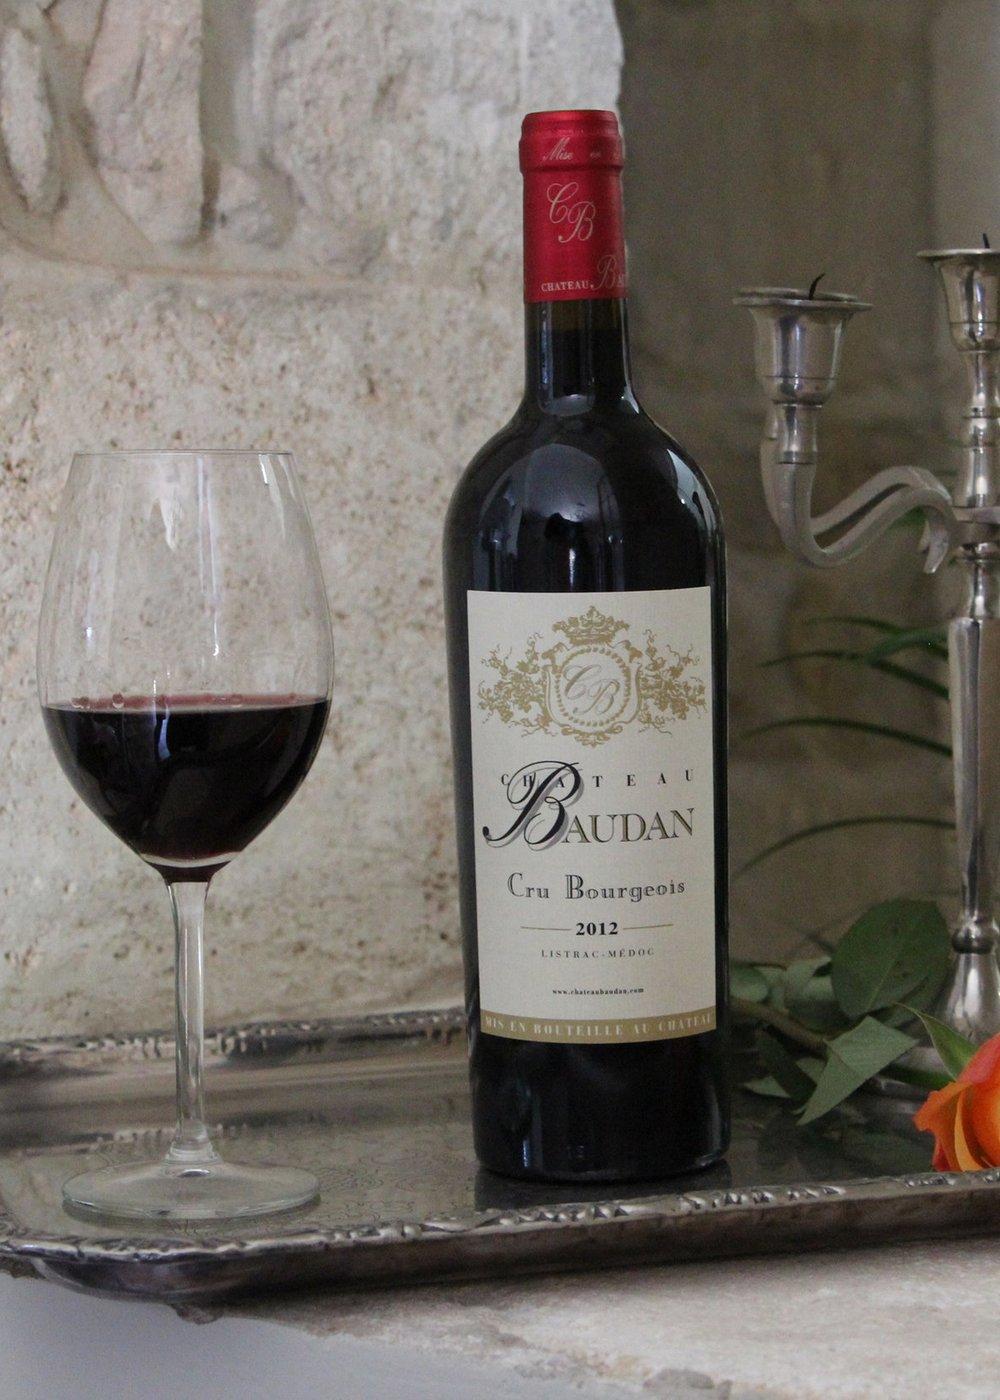 Château baudan - Ce vin se caractérise par une élégante robe, rubis, une finesse de tanins fruités, petits fruits rouges, beau volume en bouche. Elevage en fût de chêne.Appellation Listrac-Médoc Cru Bourgeois